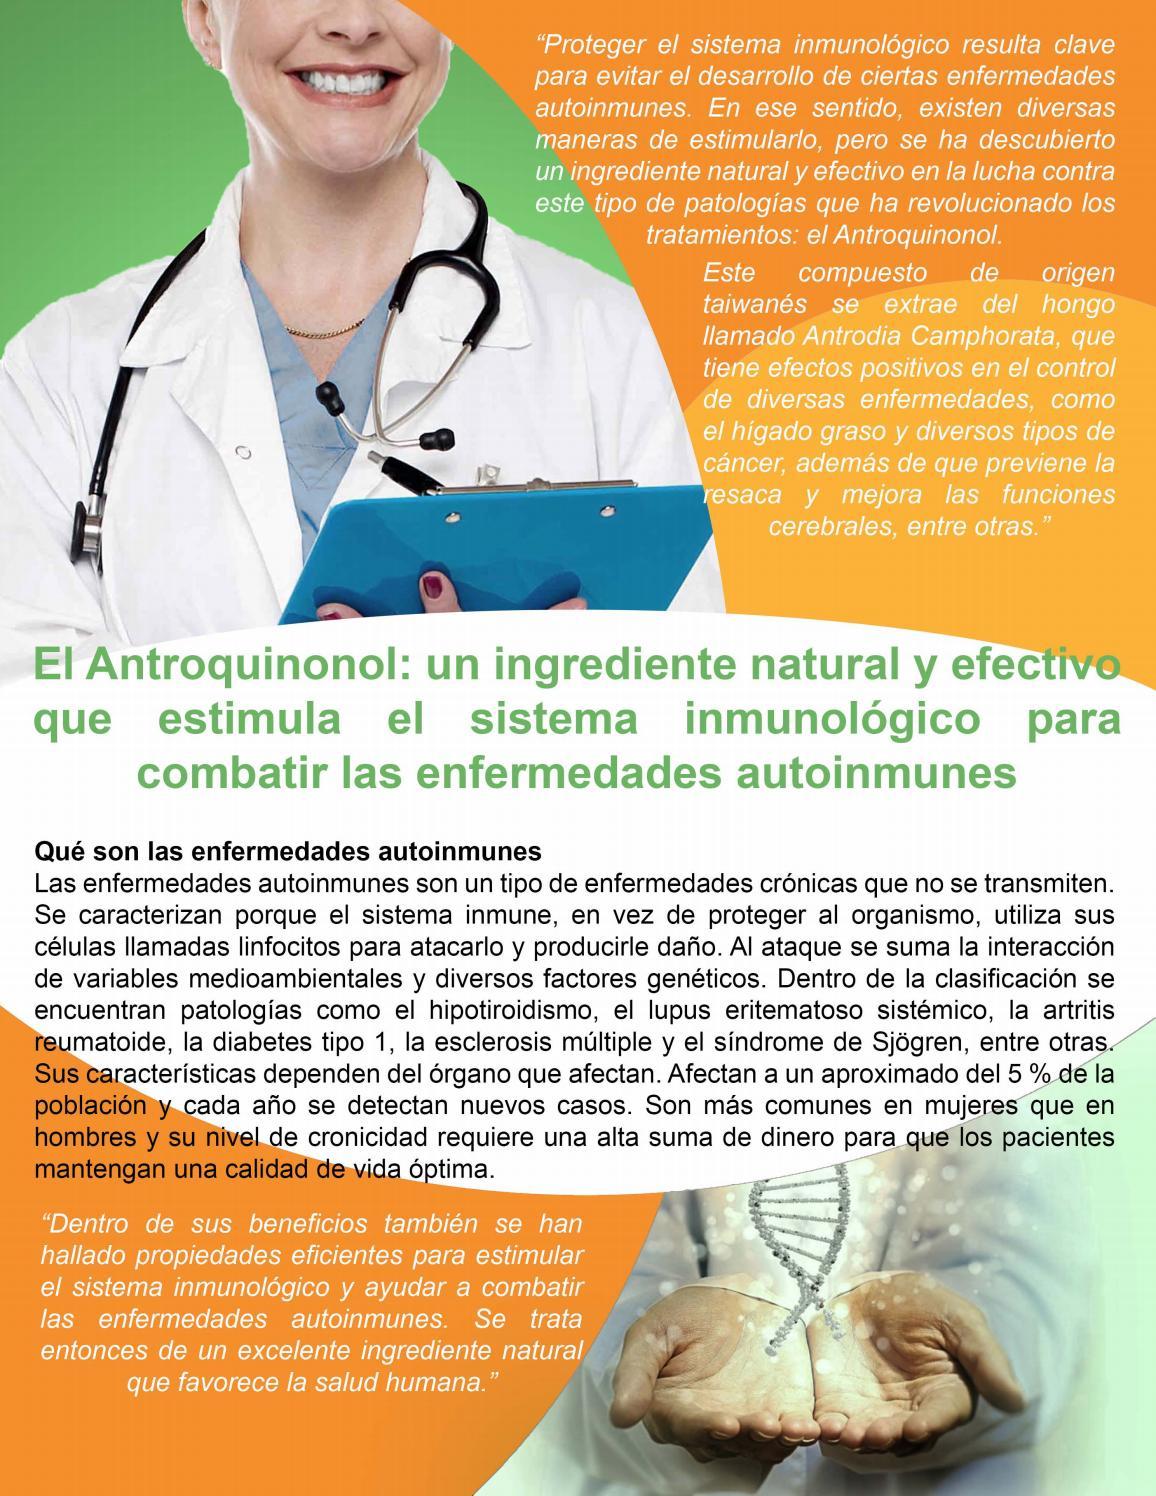 Estimula el sistema inmunologico